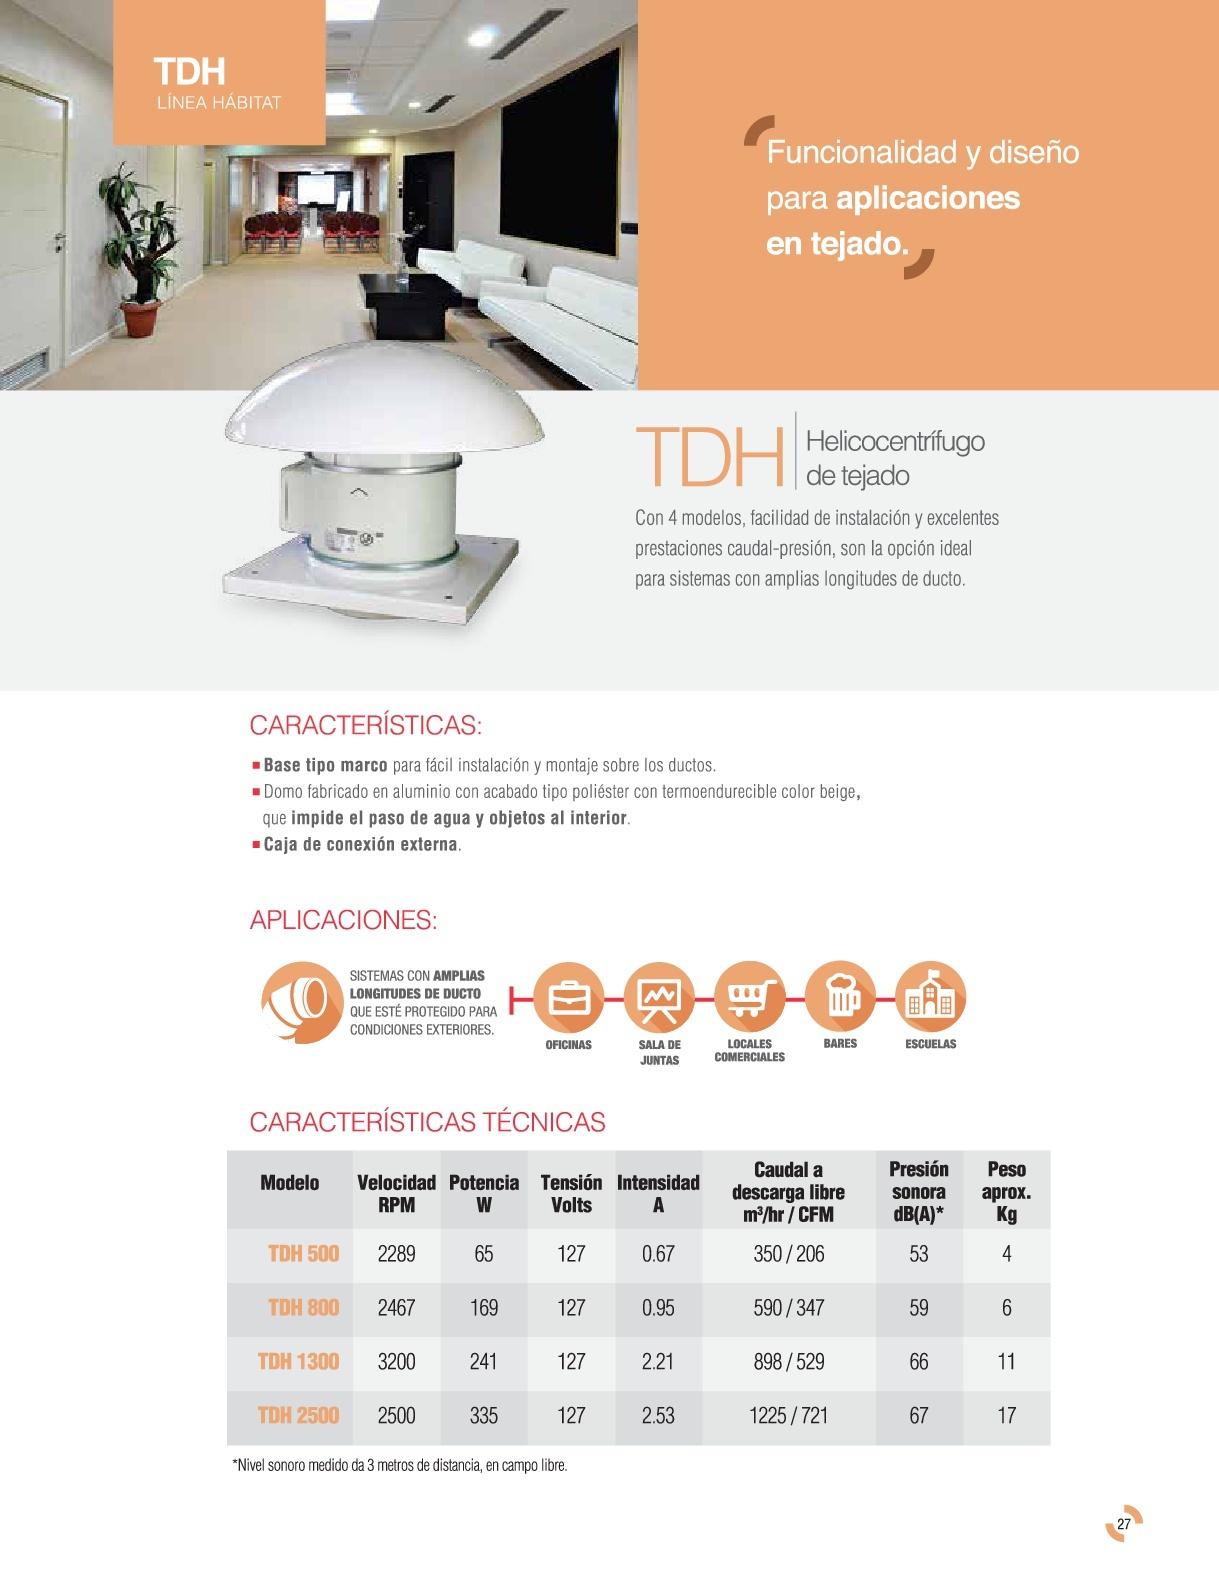 TDH-001